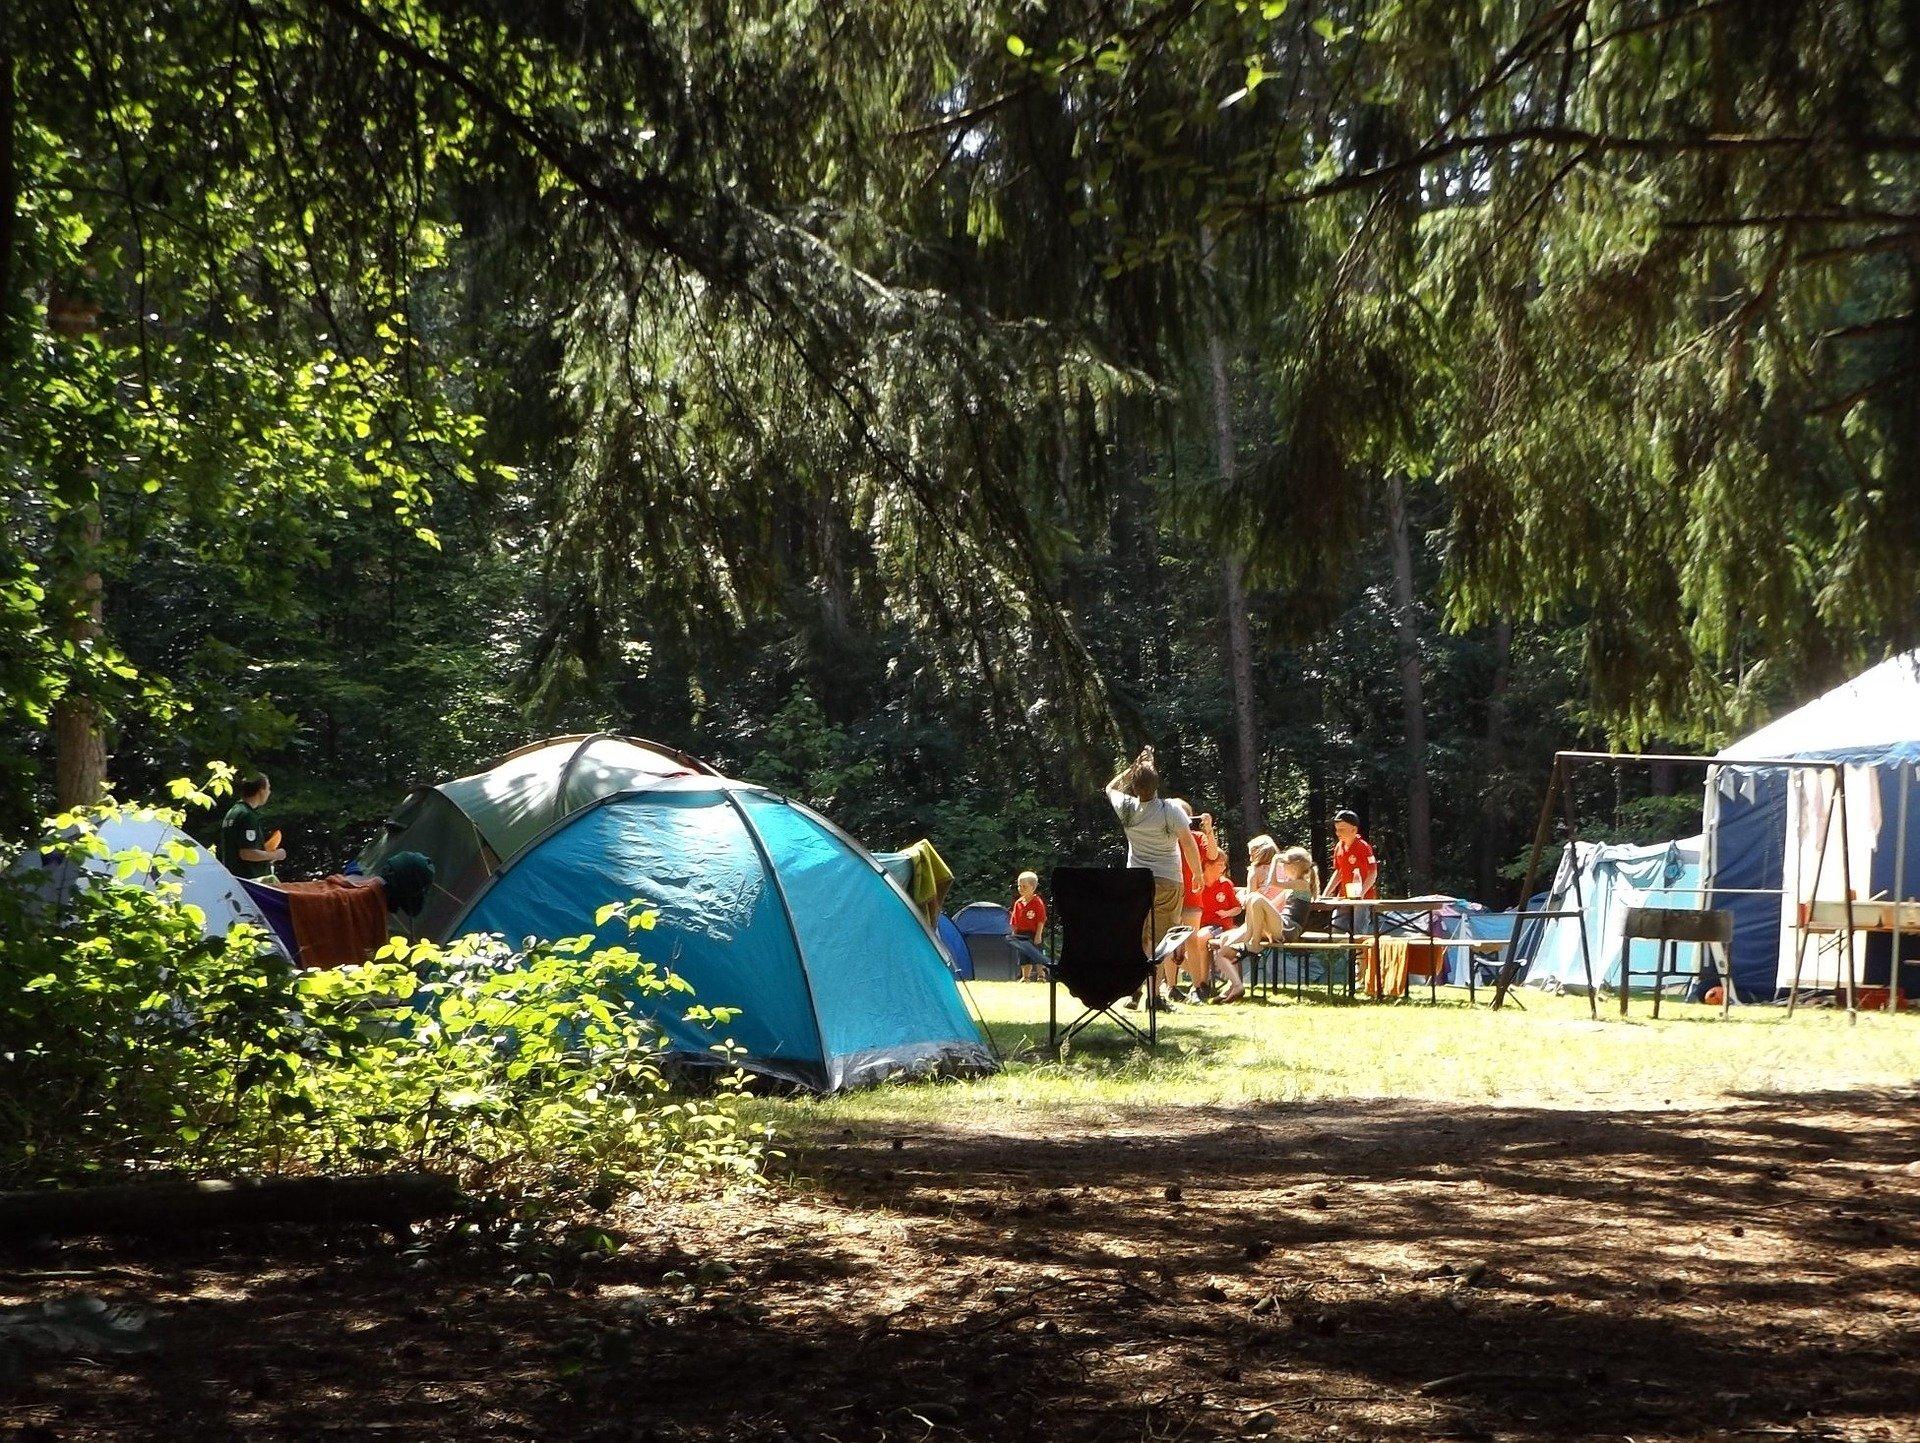 Comment réserver un séjour dans un camping aux Sables-d'Olonne 3 étoiles facilement ?